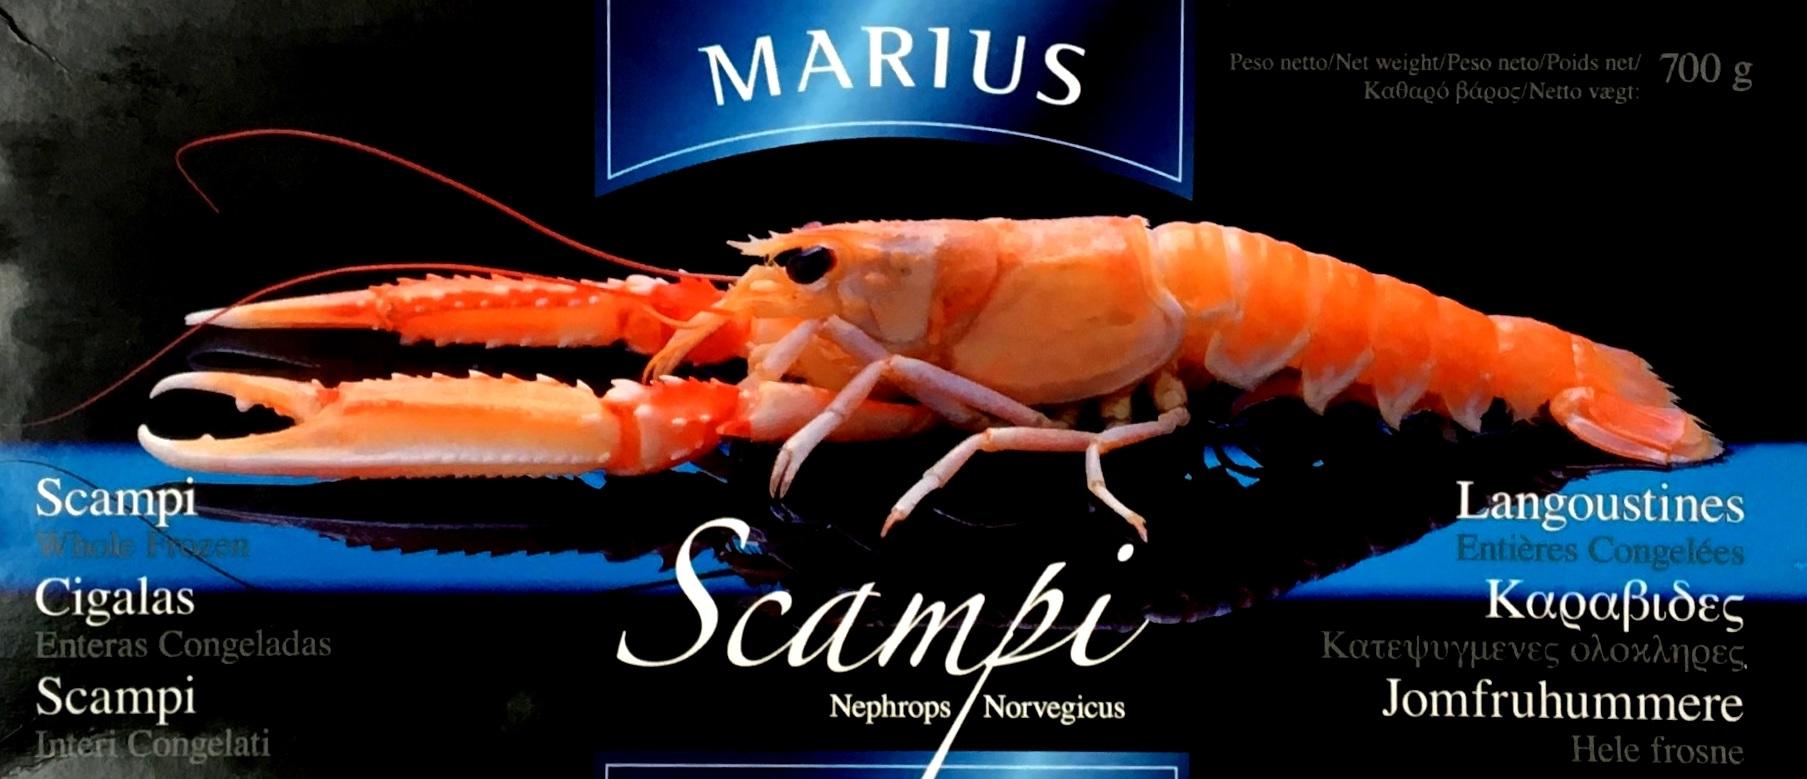 SCAMPI 8 12 MARIUS